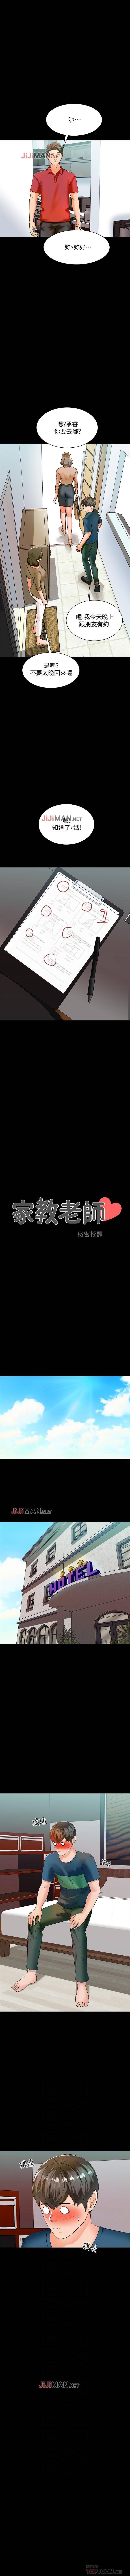 【周一连载】家教老师(作者: CreamMedia) 第1~44话 58